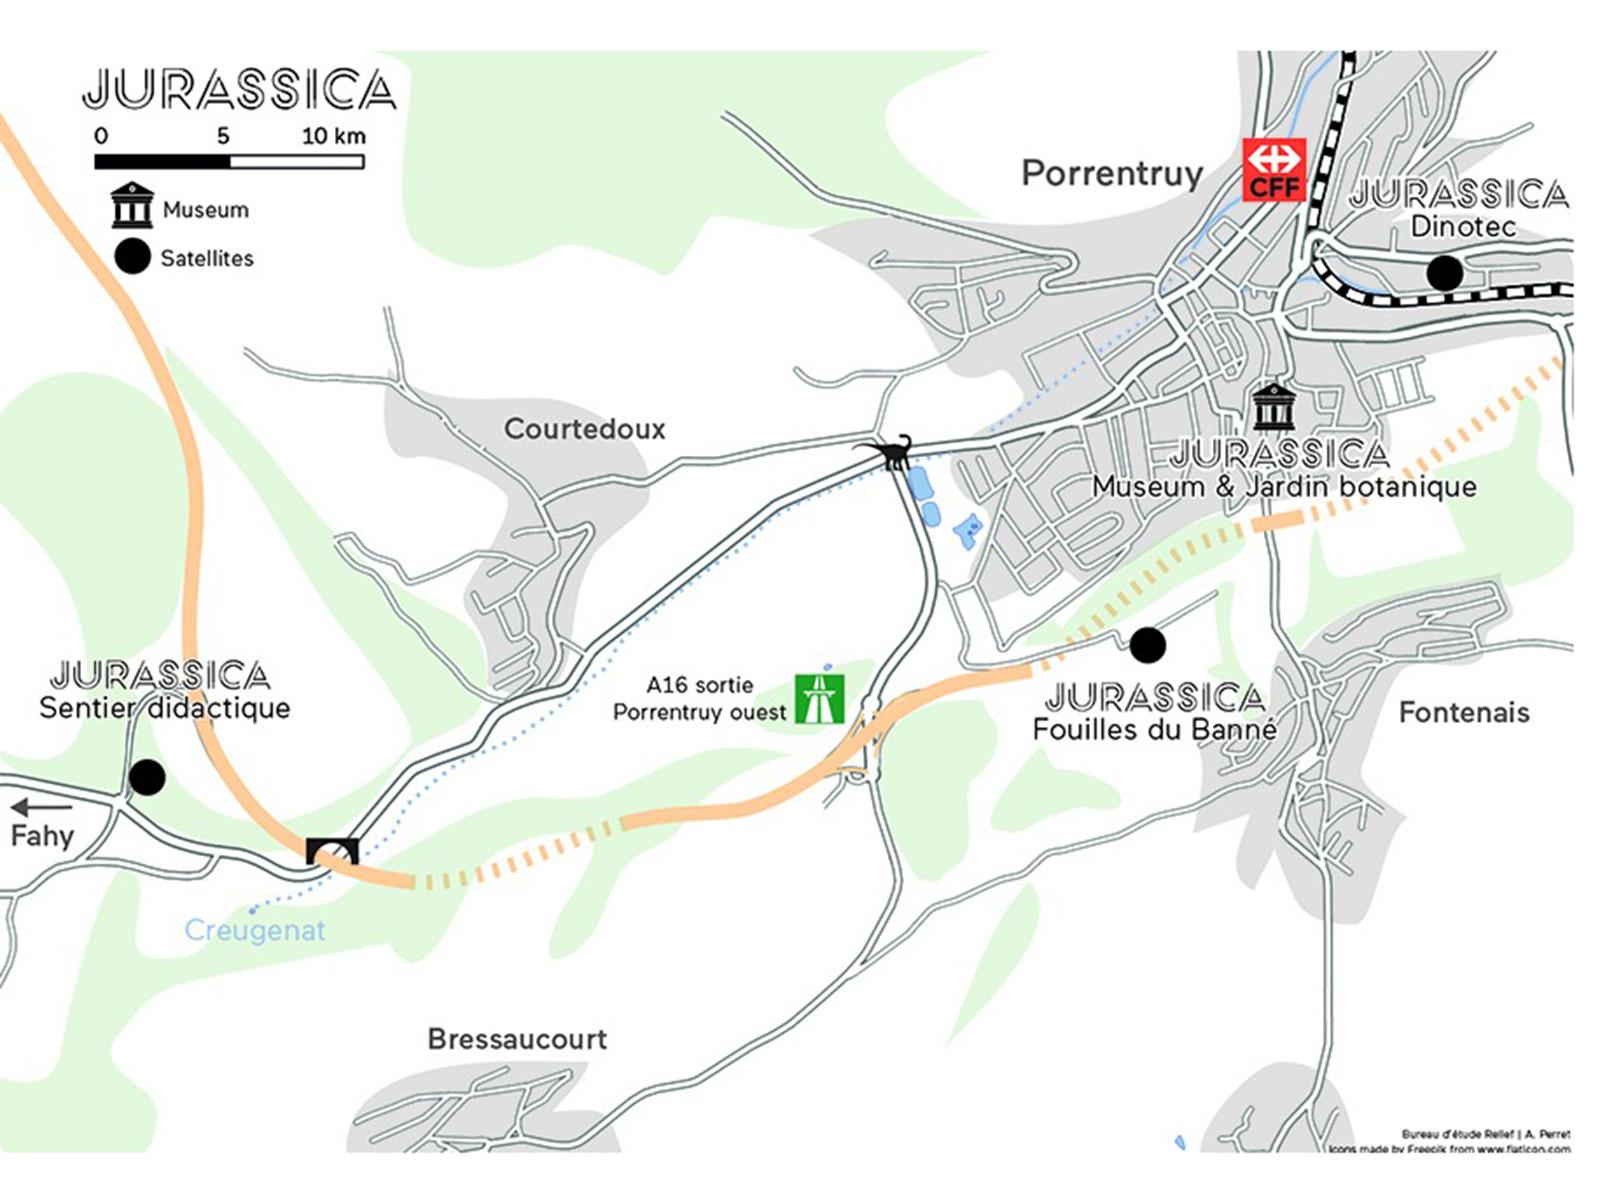 Plan général des sites et satellites Jurassica.